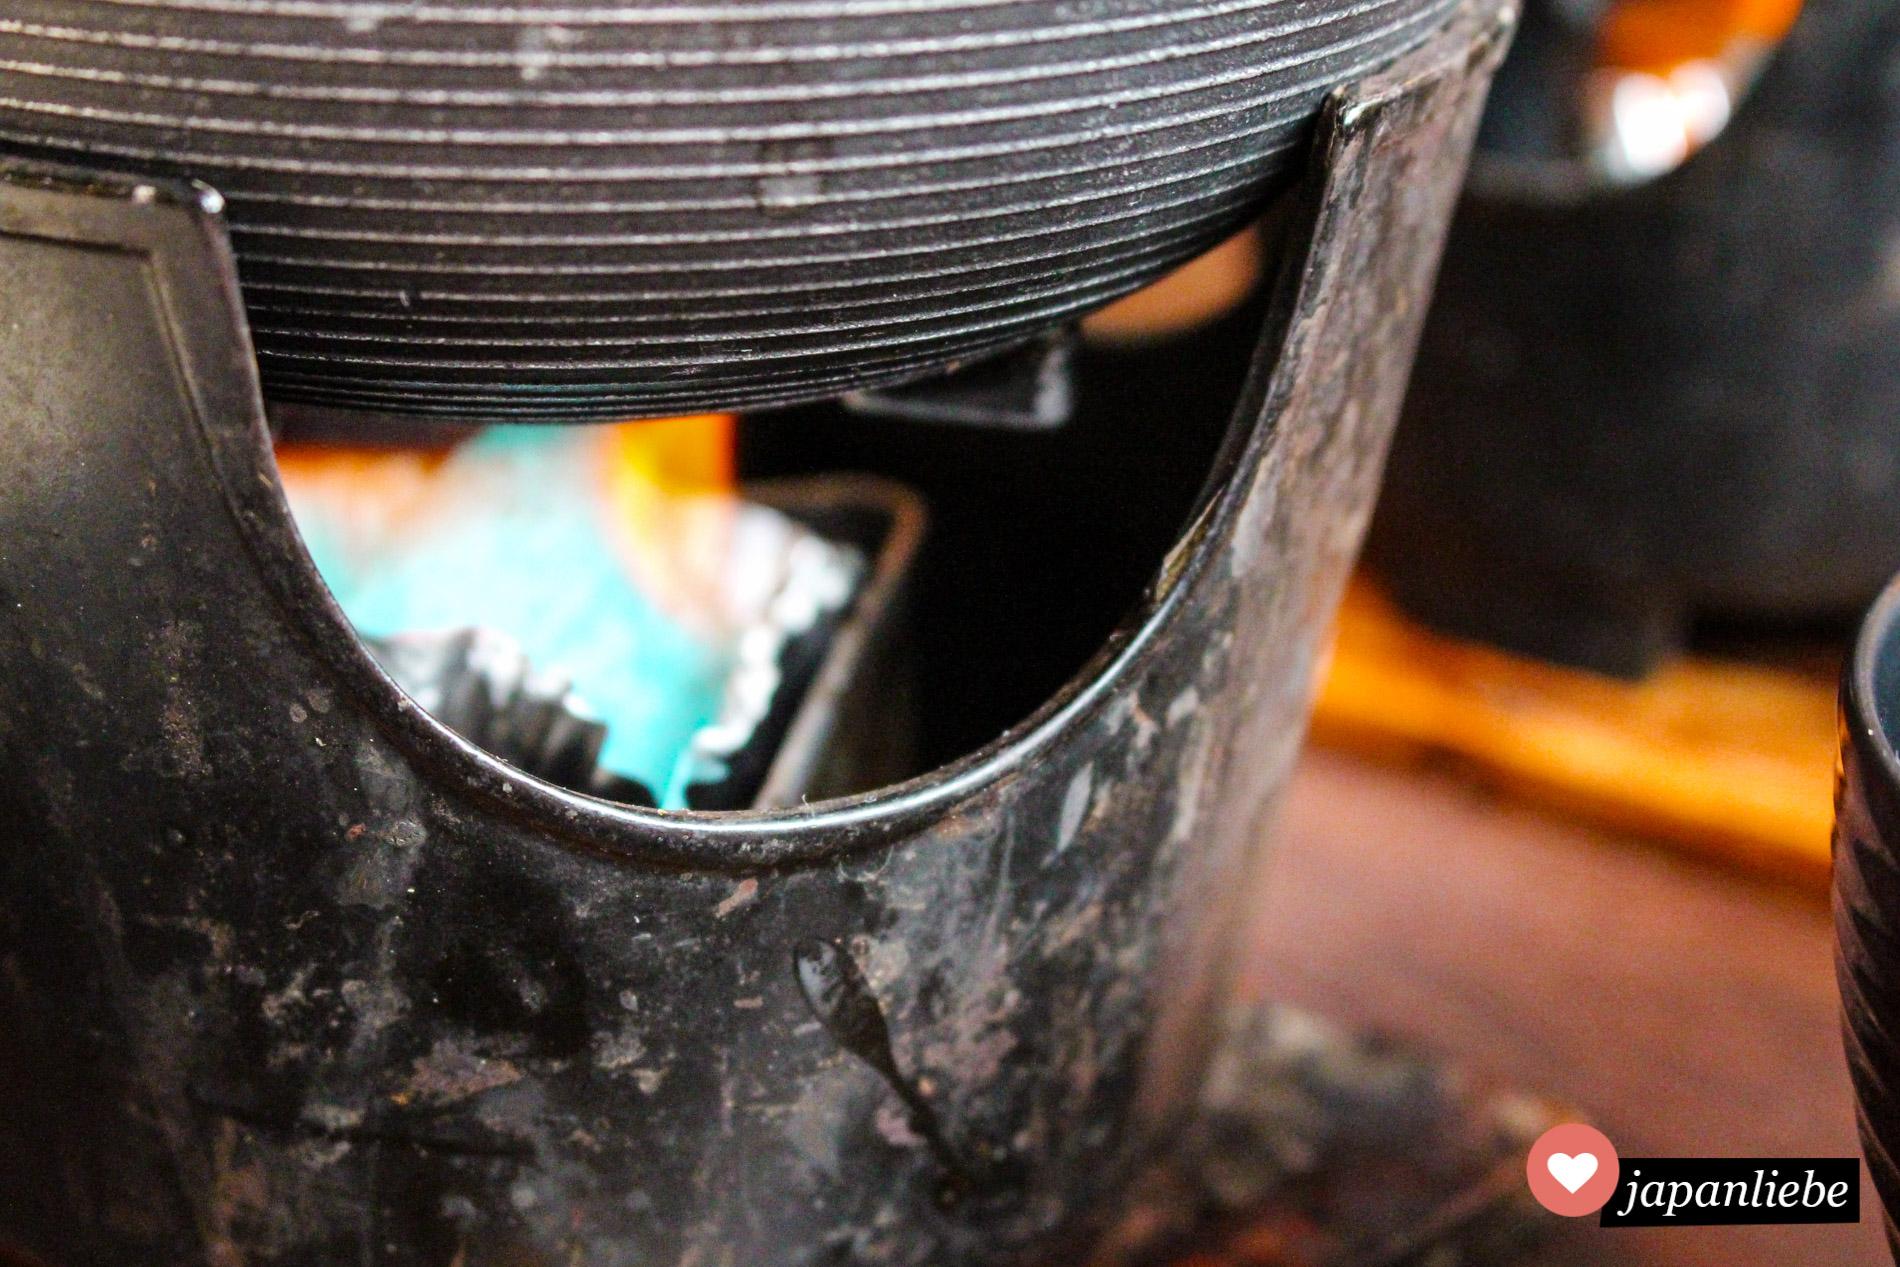 In einem ryokan wurde die Miso-Suppe am Tisch mit einem Stoevchen frisch erwärmt.